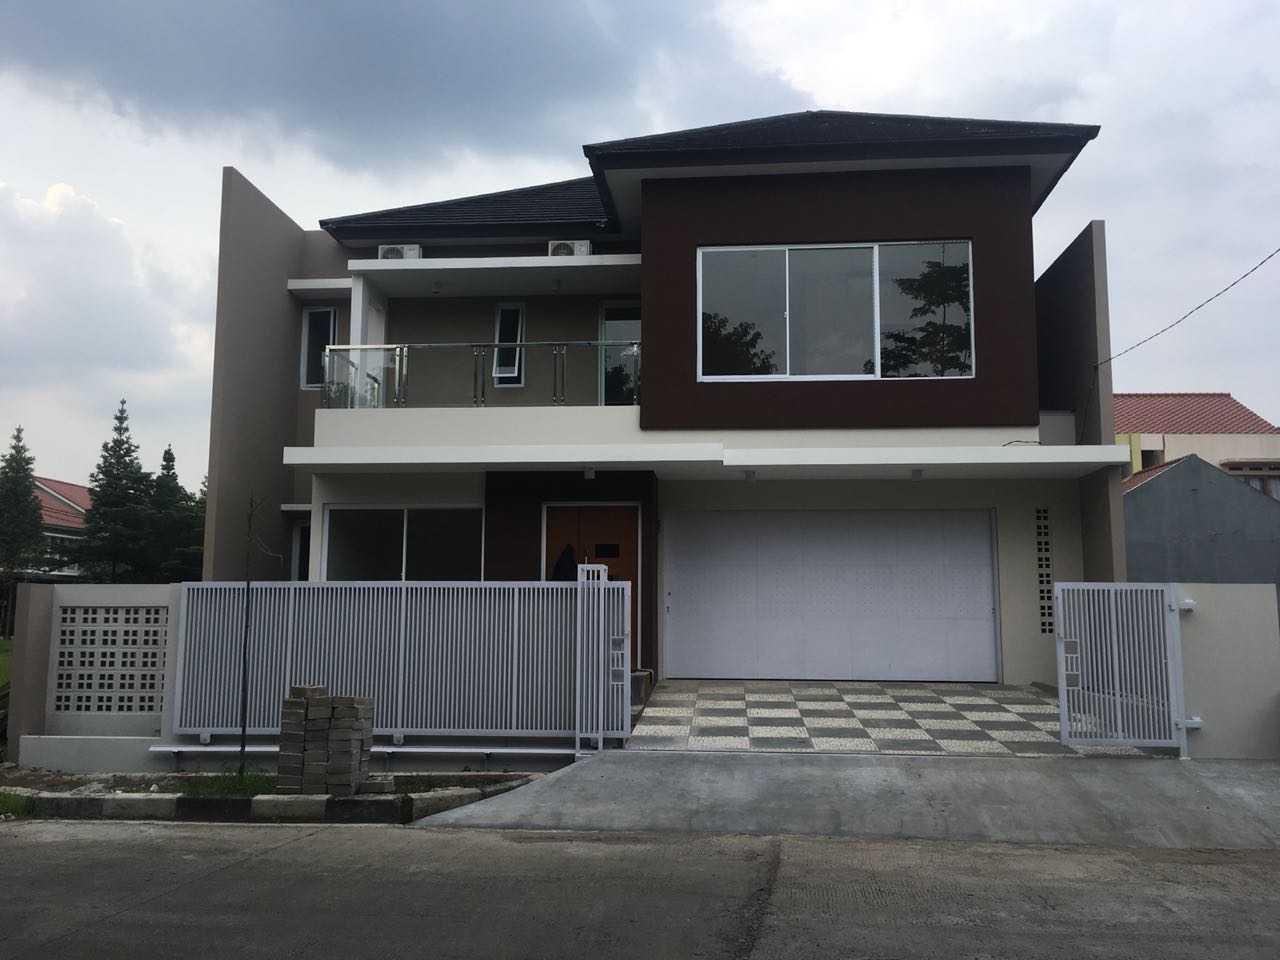 Hiji Dua Studio Arsitektur Rumah Tinggal Antapani Antapani, Kota Bandung, Jawa Barat, Indonesia Antapani, Kota Bandung, Jawa Barat, Indonesia Hiji-Dua-Studio-Arsitektur-Rumah-Tinggal- Modern 56414